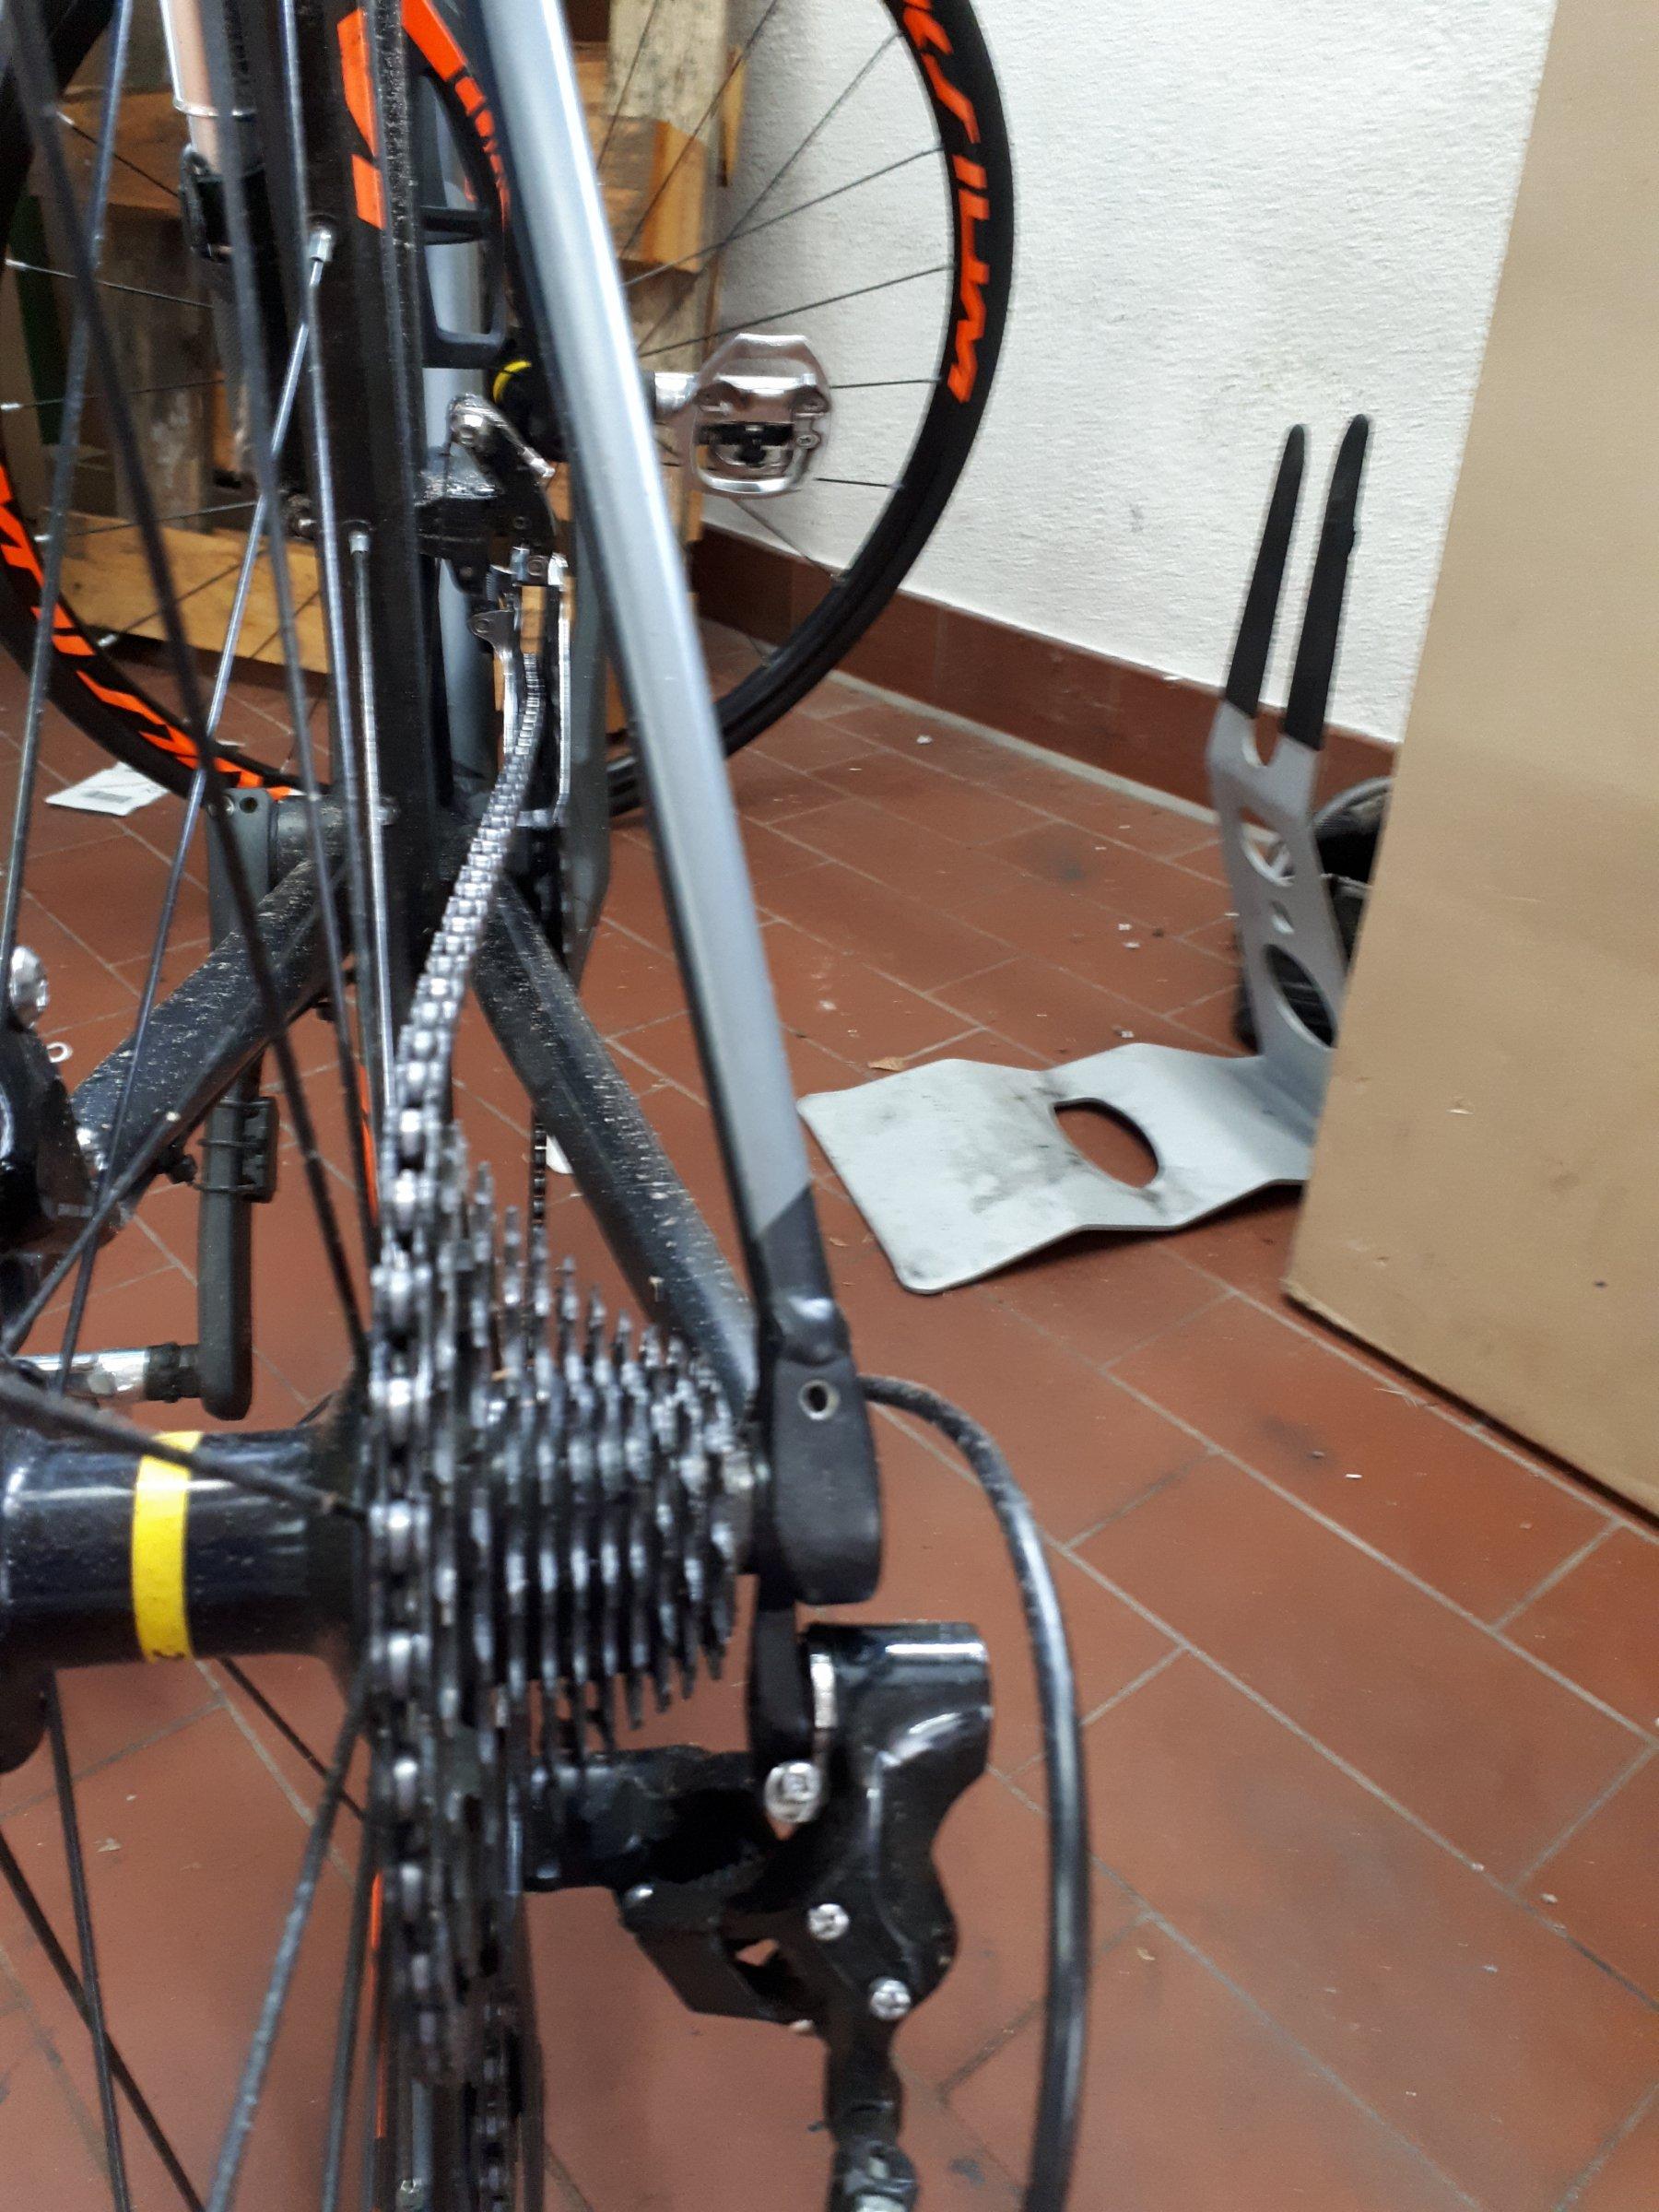 Umwerfer 105 Kette schleift bei klein groß | Rennrad